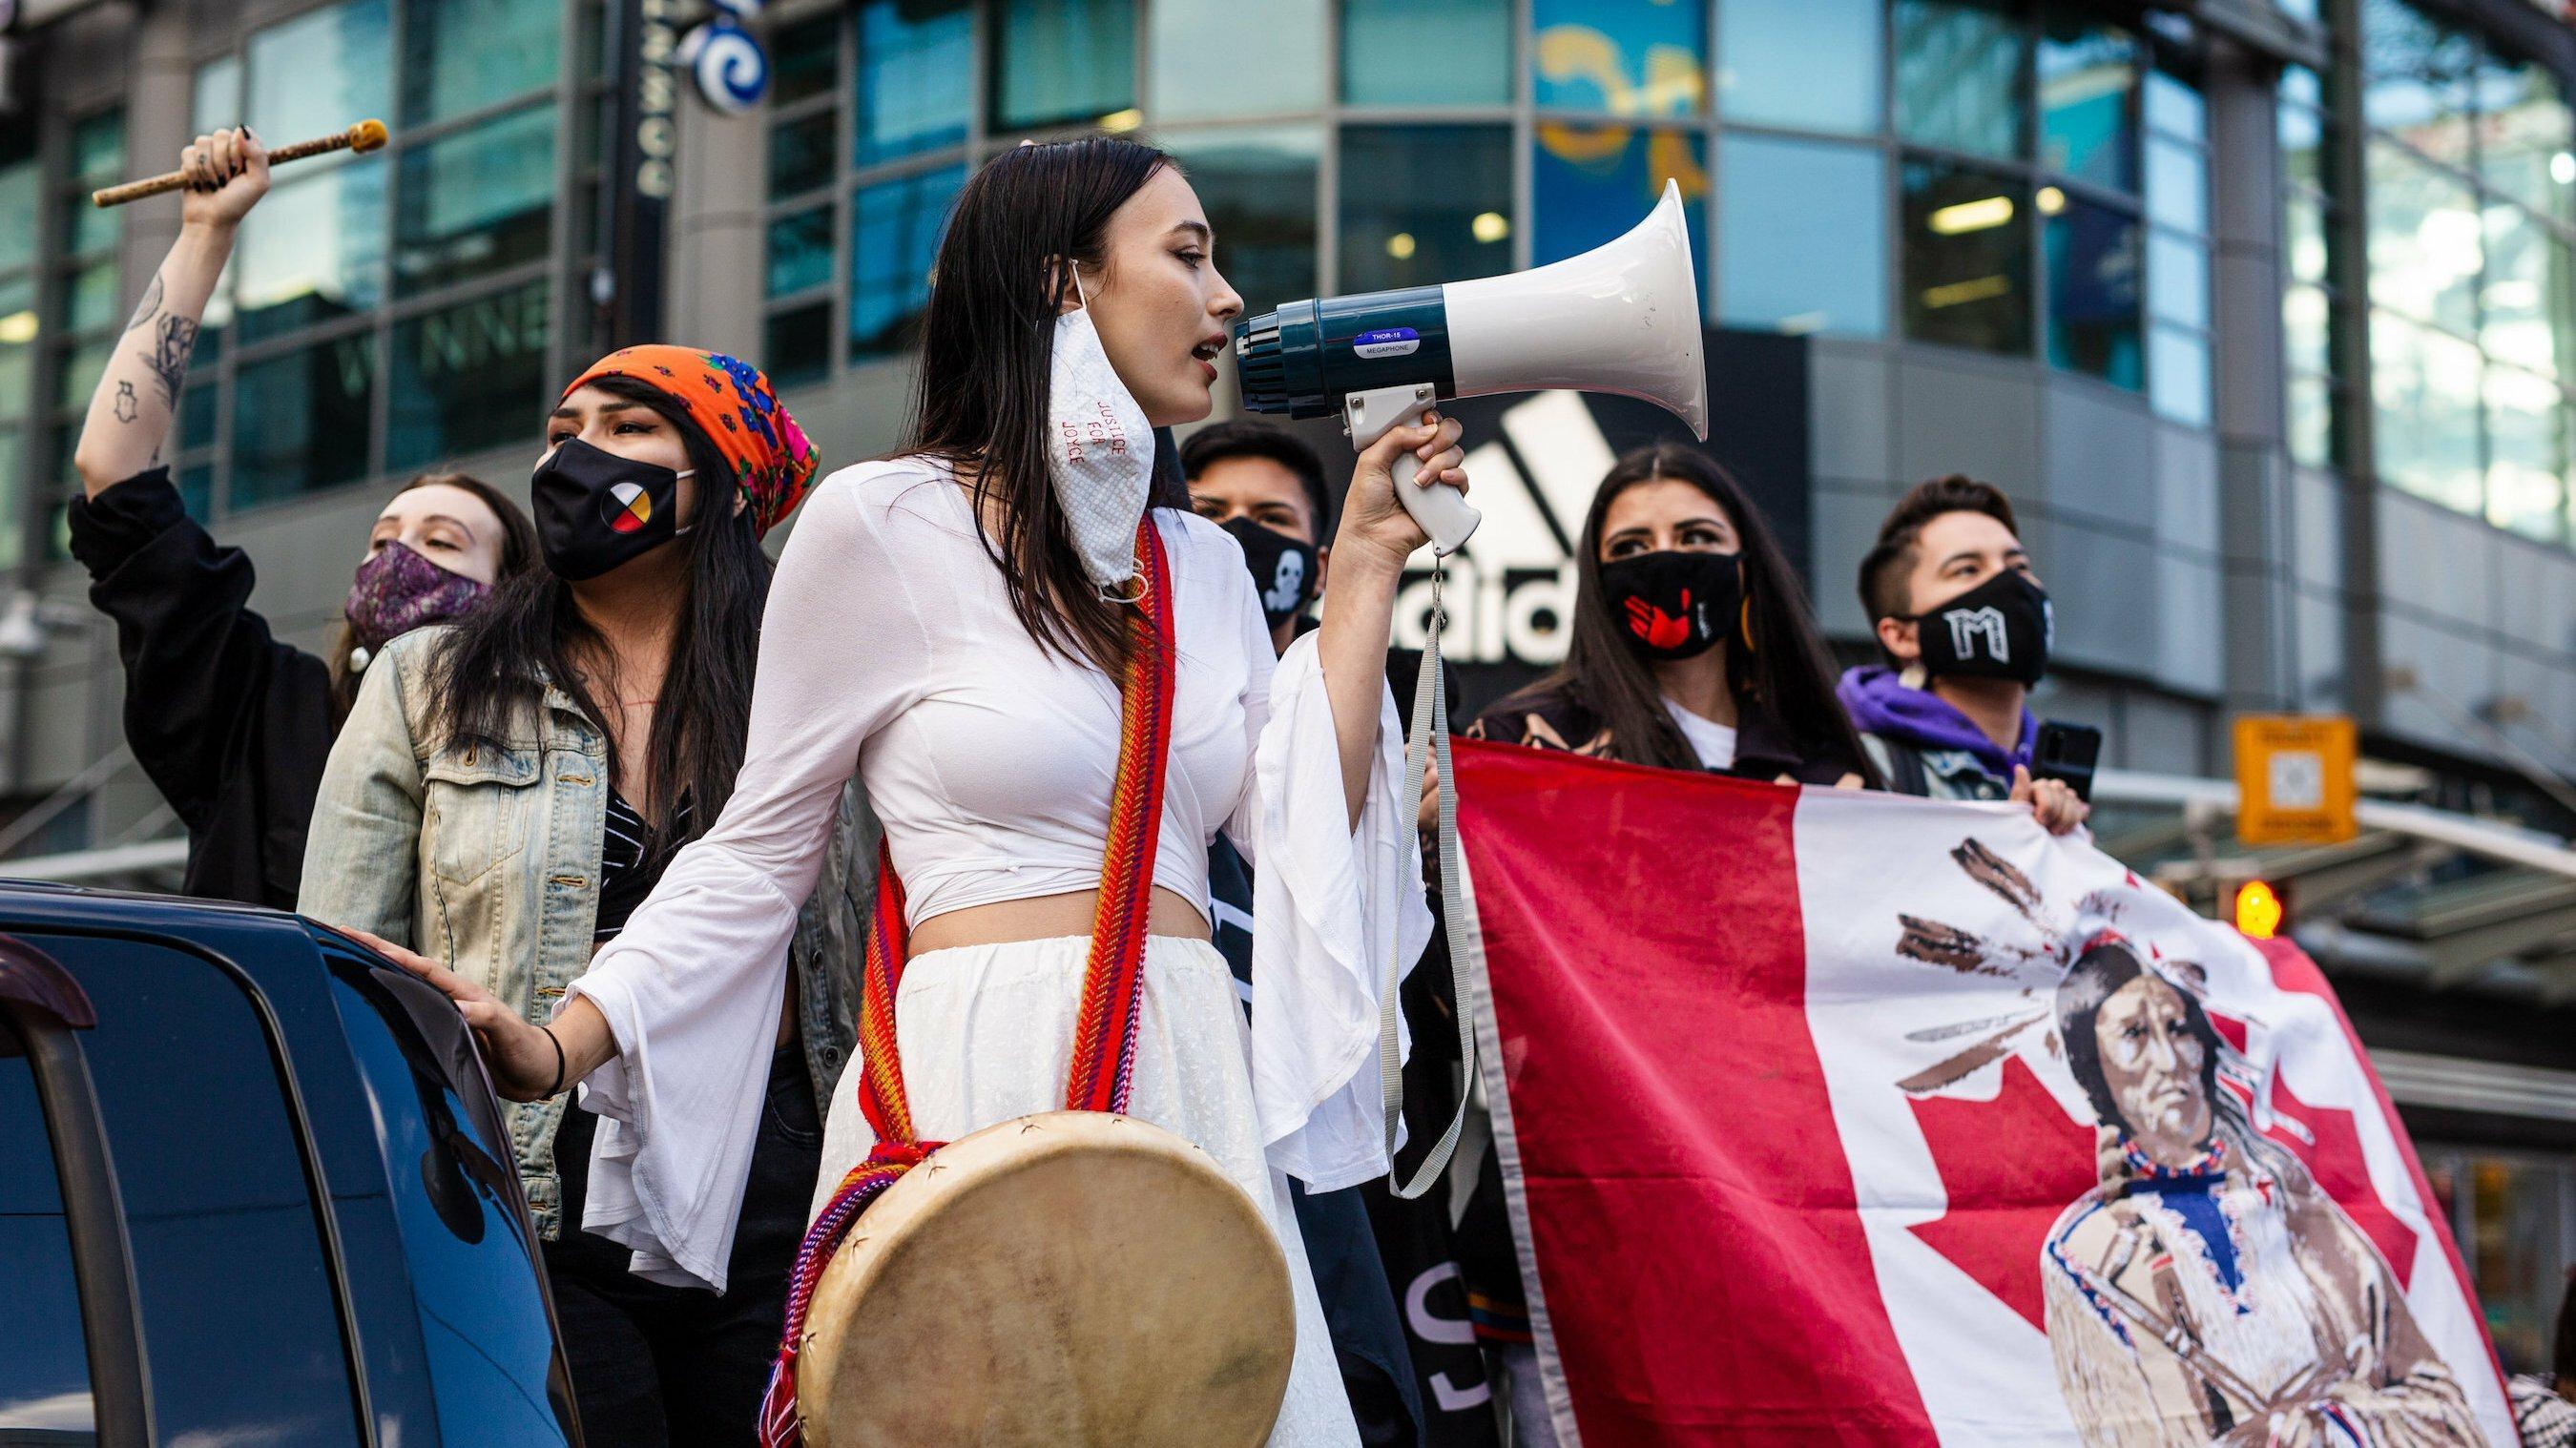 Junge Demonstrantinnen der kanadischen Indigenen stehen in einer Gruppe und halten ein Transparent mit der kanadischen Flagge, auf der ein indigener Häuptling zu sehen ist. Eine junge Frau in weißem Kleid spricht in ein Megafon.